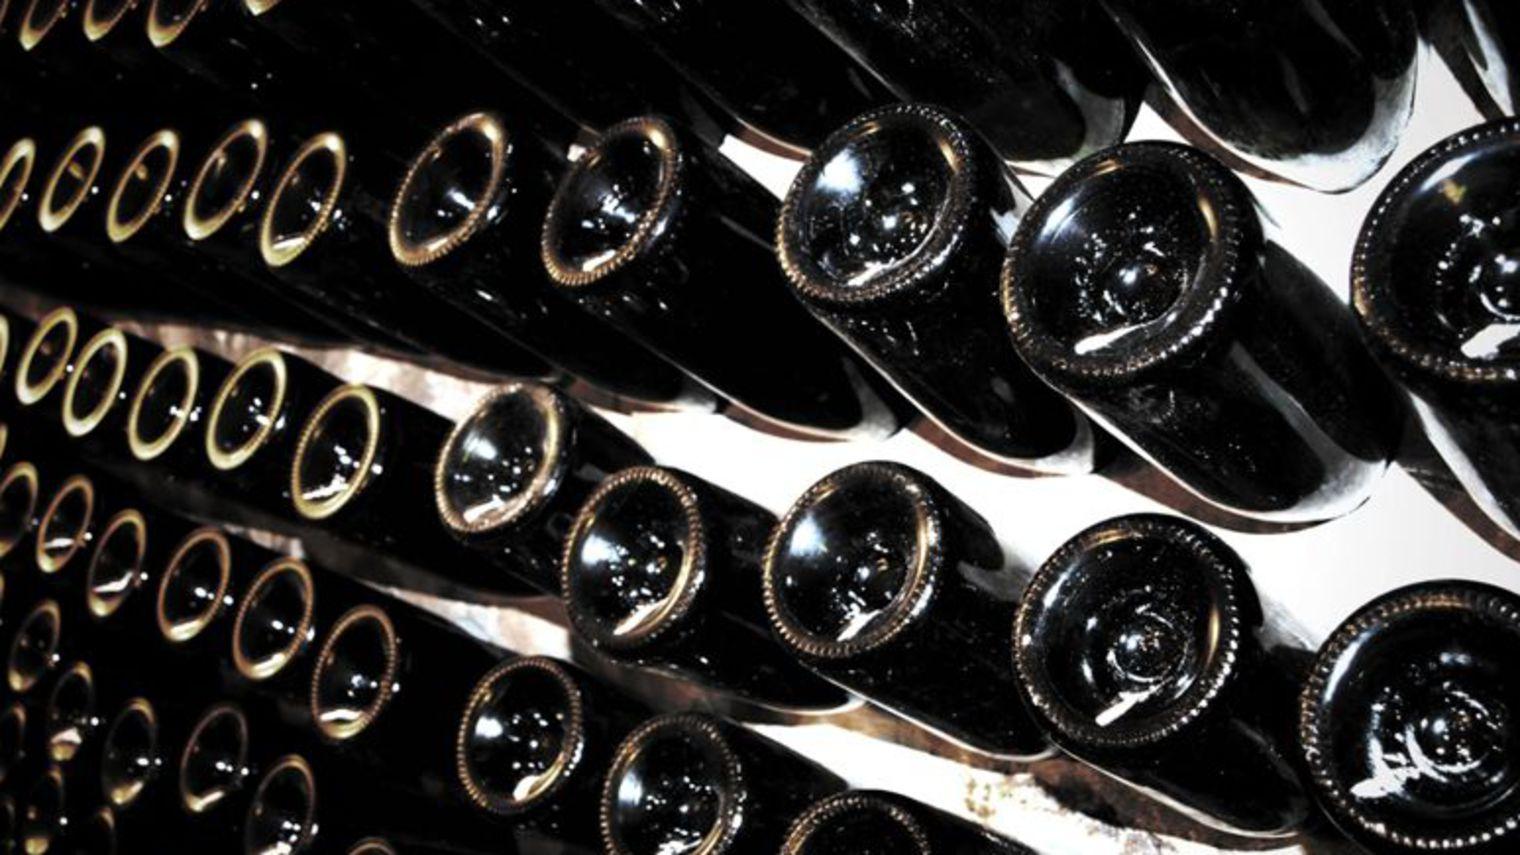 des infos gratuites propos de ce qui touche aux vins achat. Black Bedroom Furniture Sets. Home Design Ideas